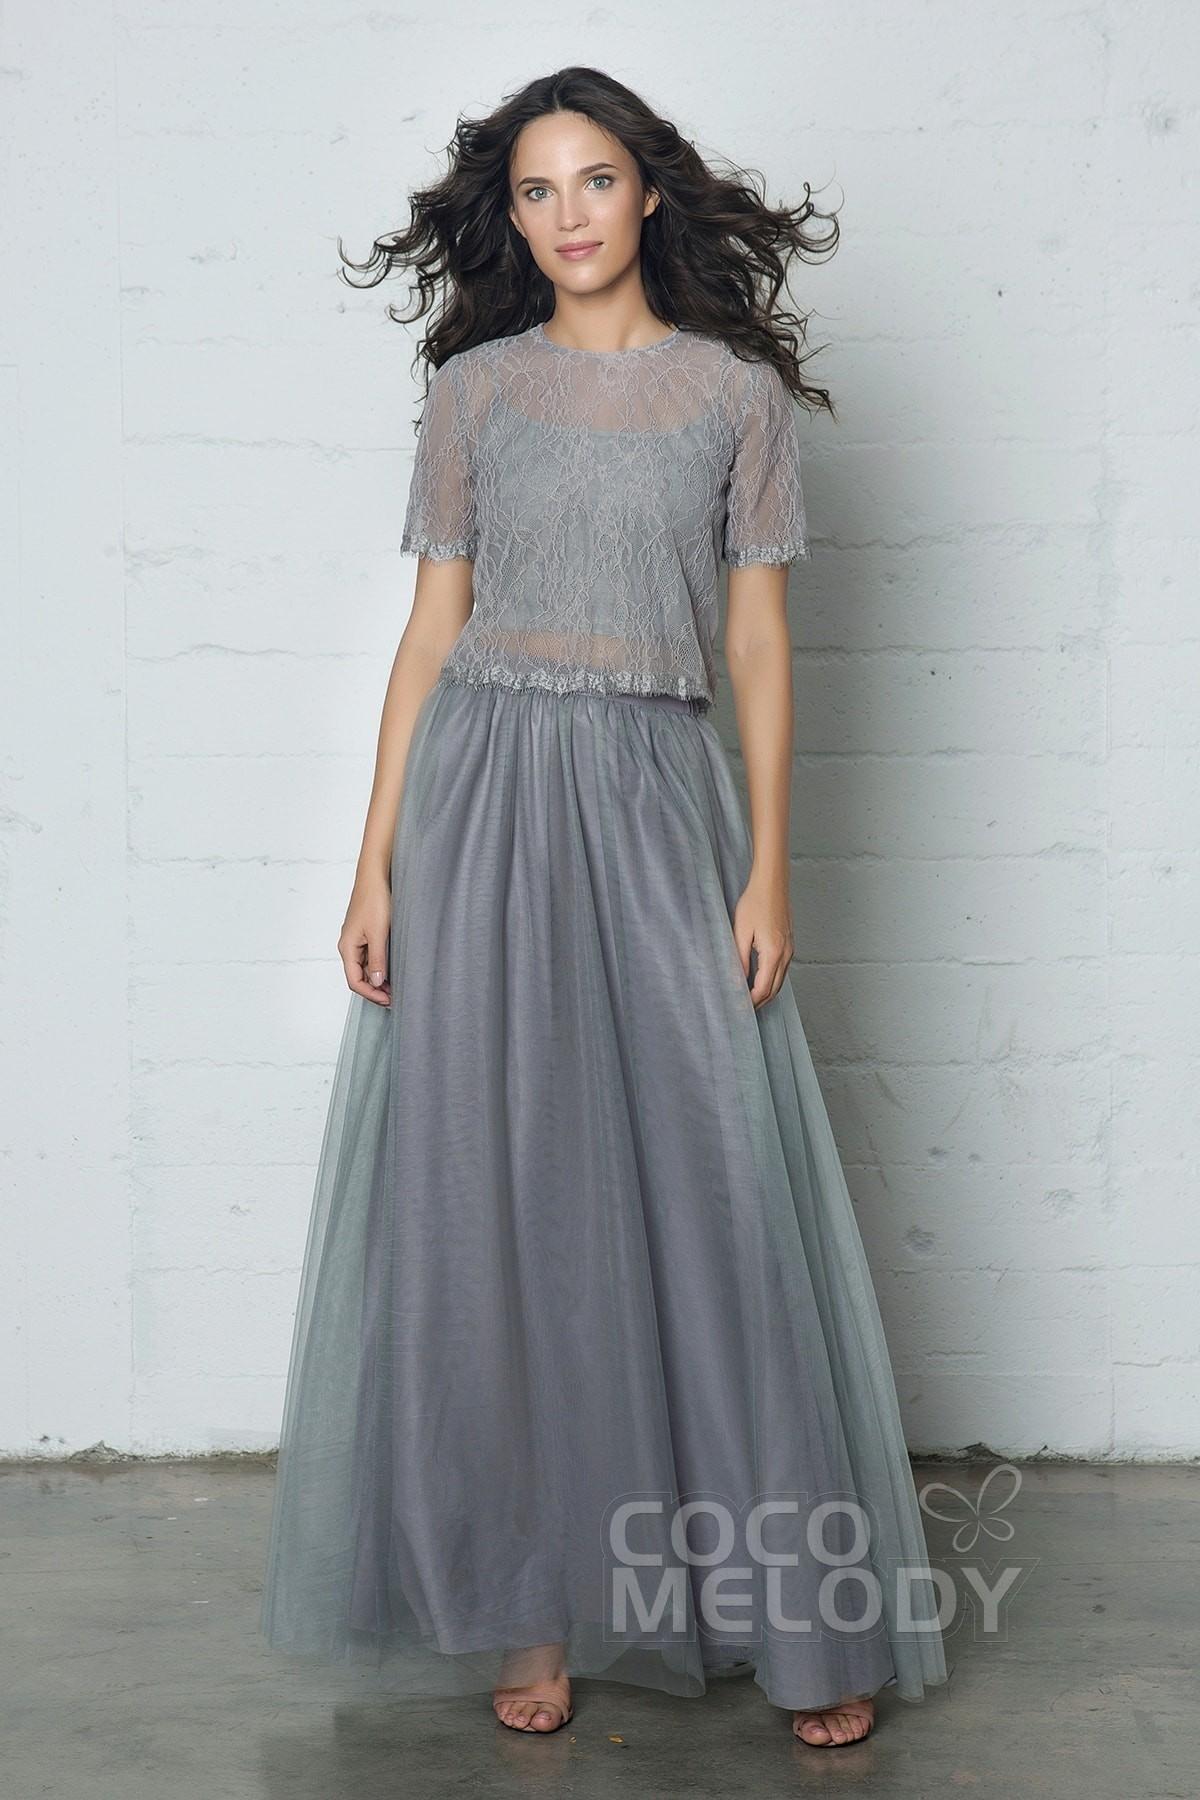 Designer Schön Schlichtes Langes Kleid Galerie13 Genial Schlichtes Langes Kleid Design